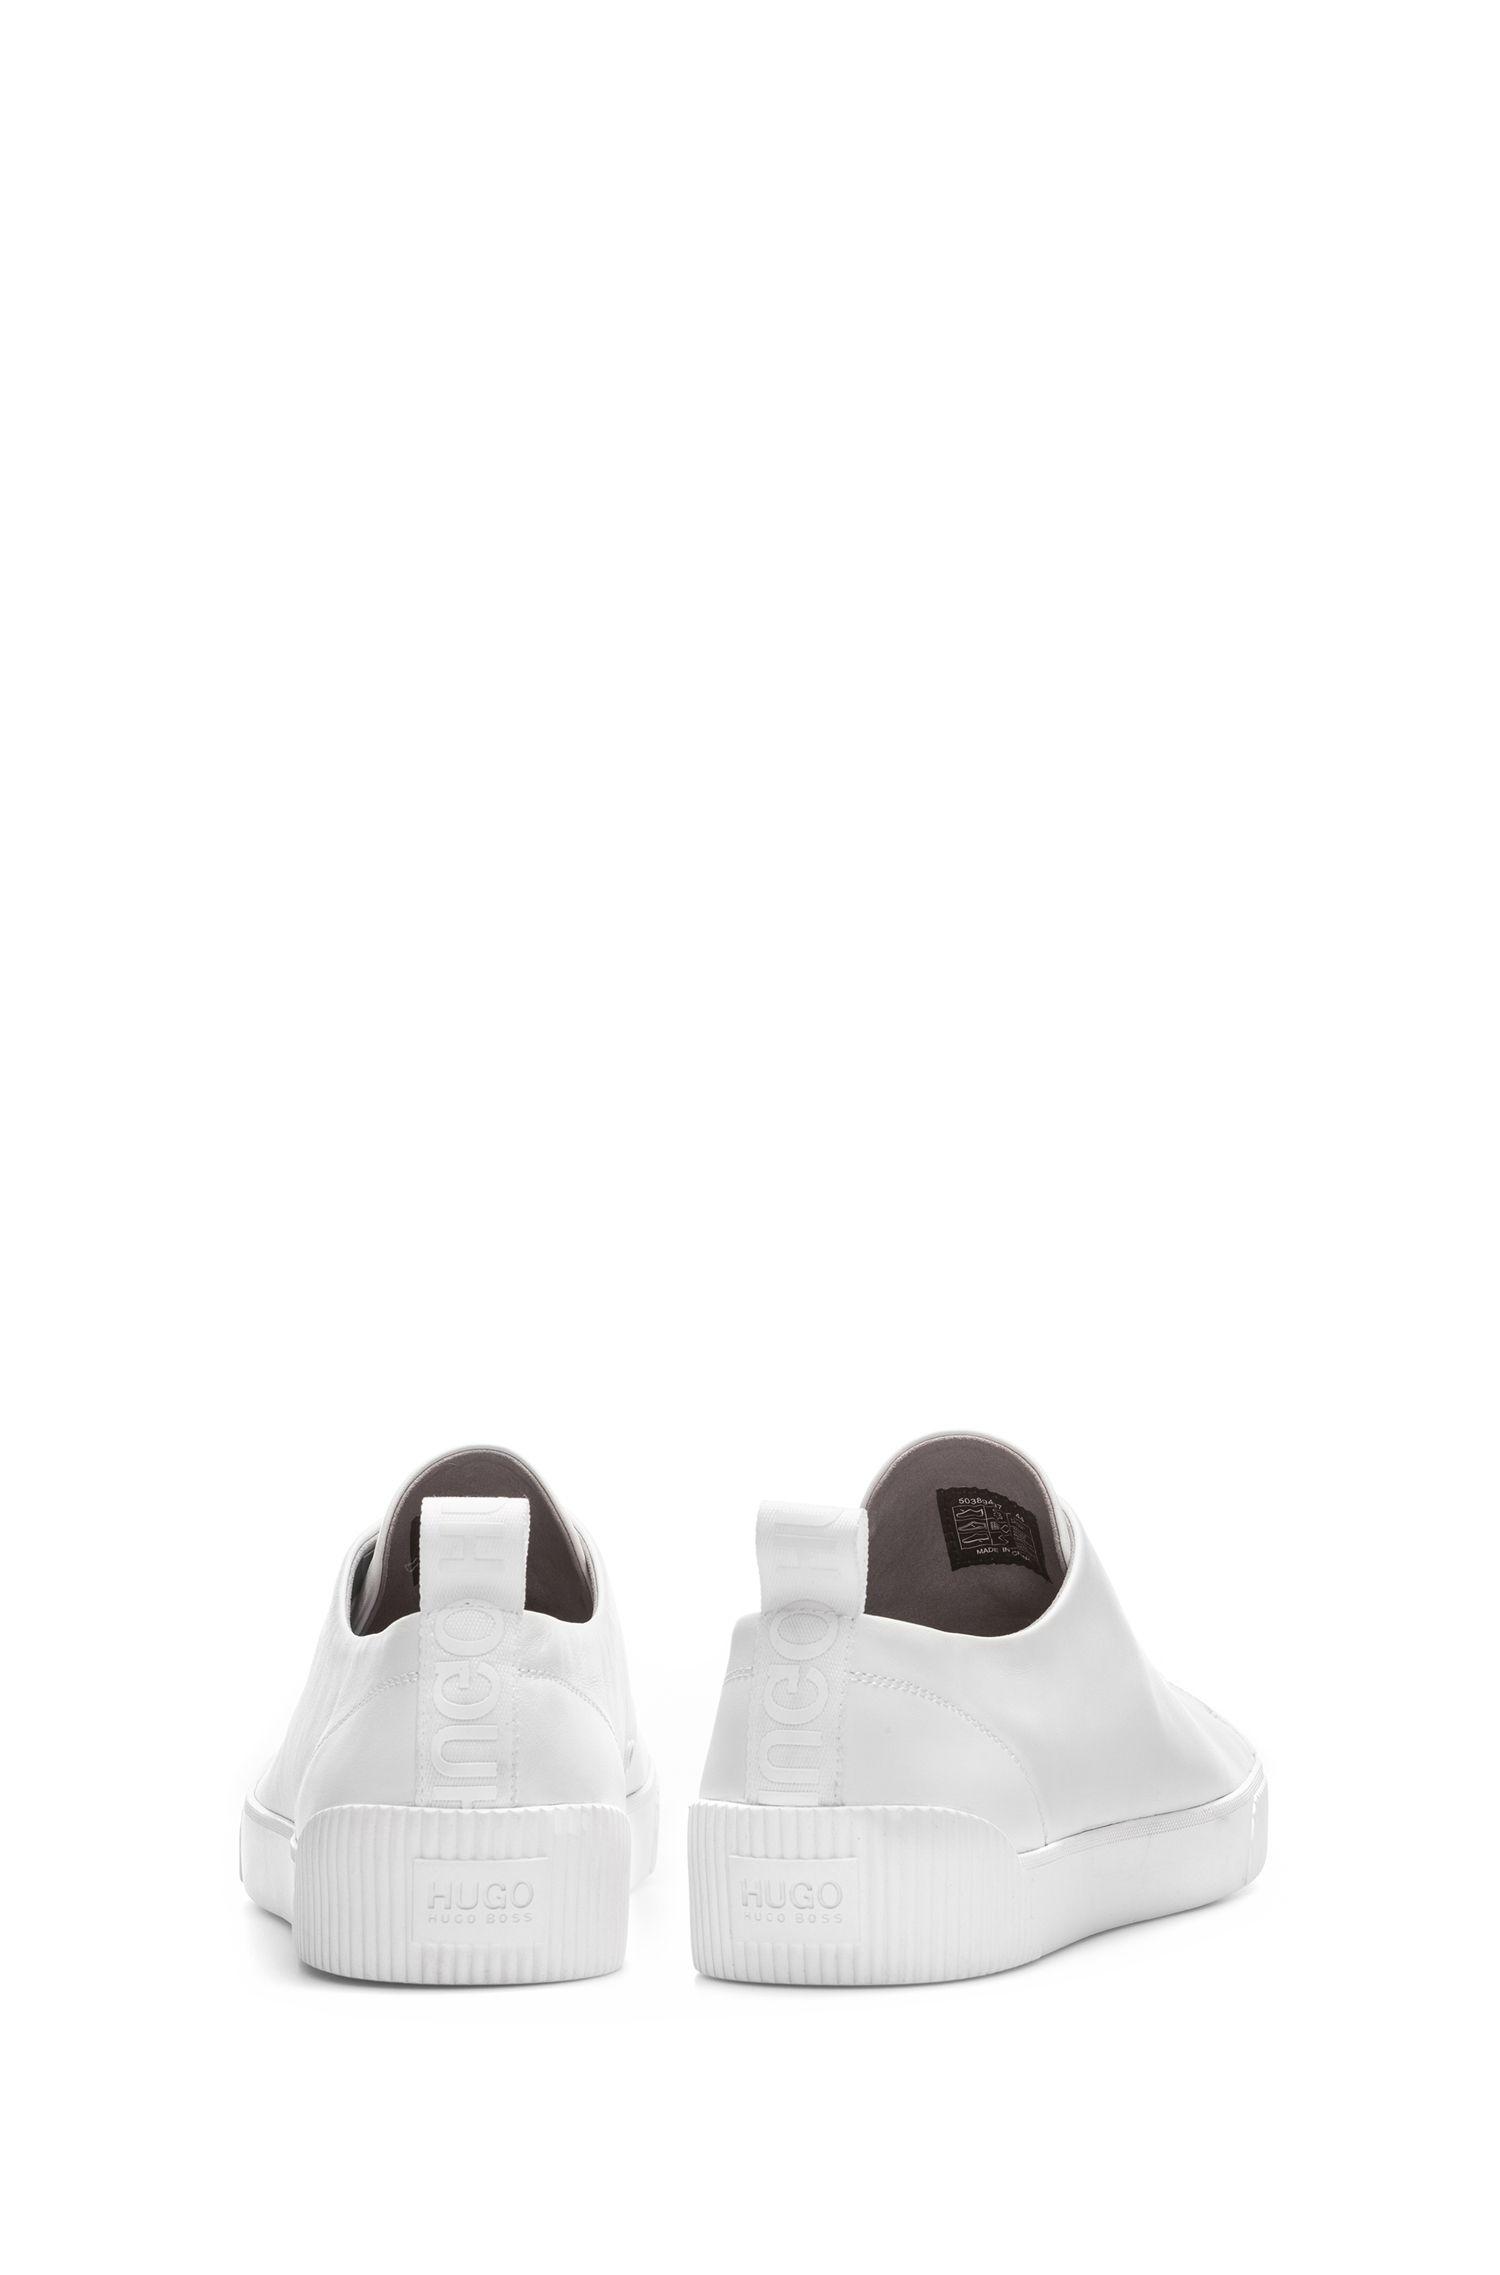 Lowtop Sneakers aus Nappaleder mit Logo-Detail, Weiß